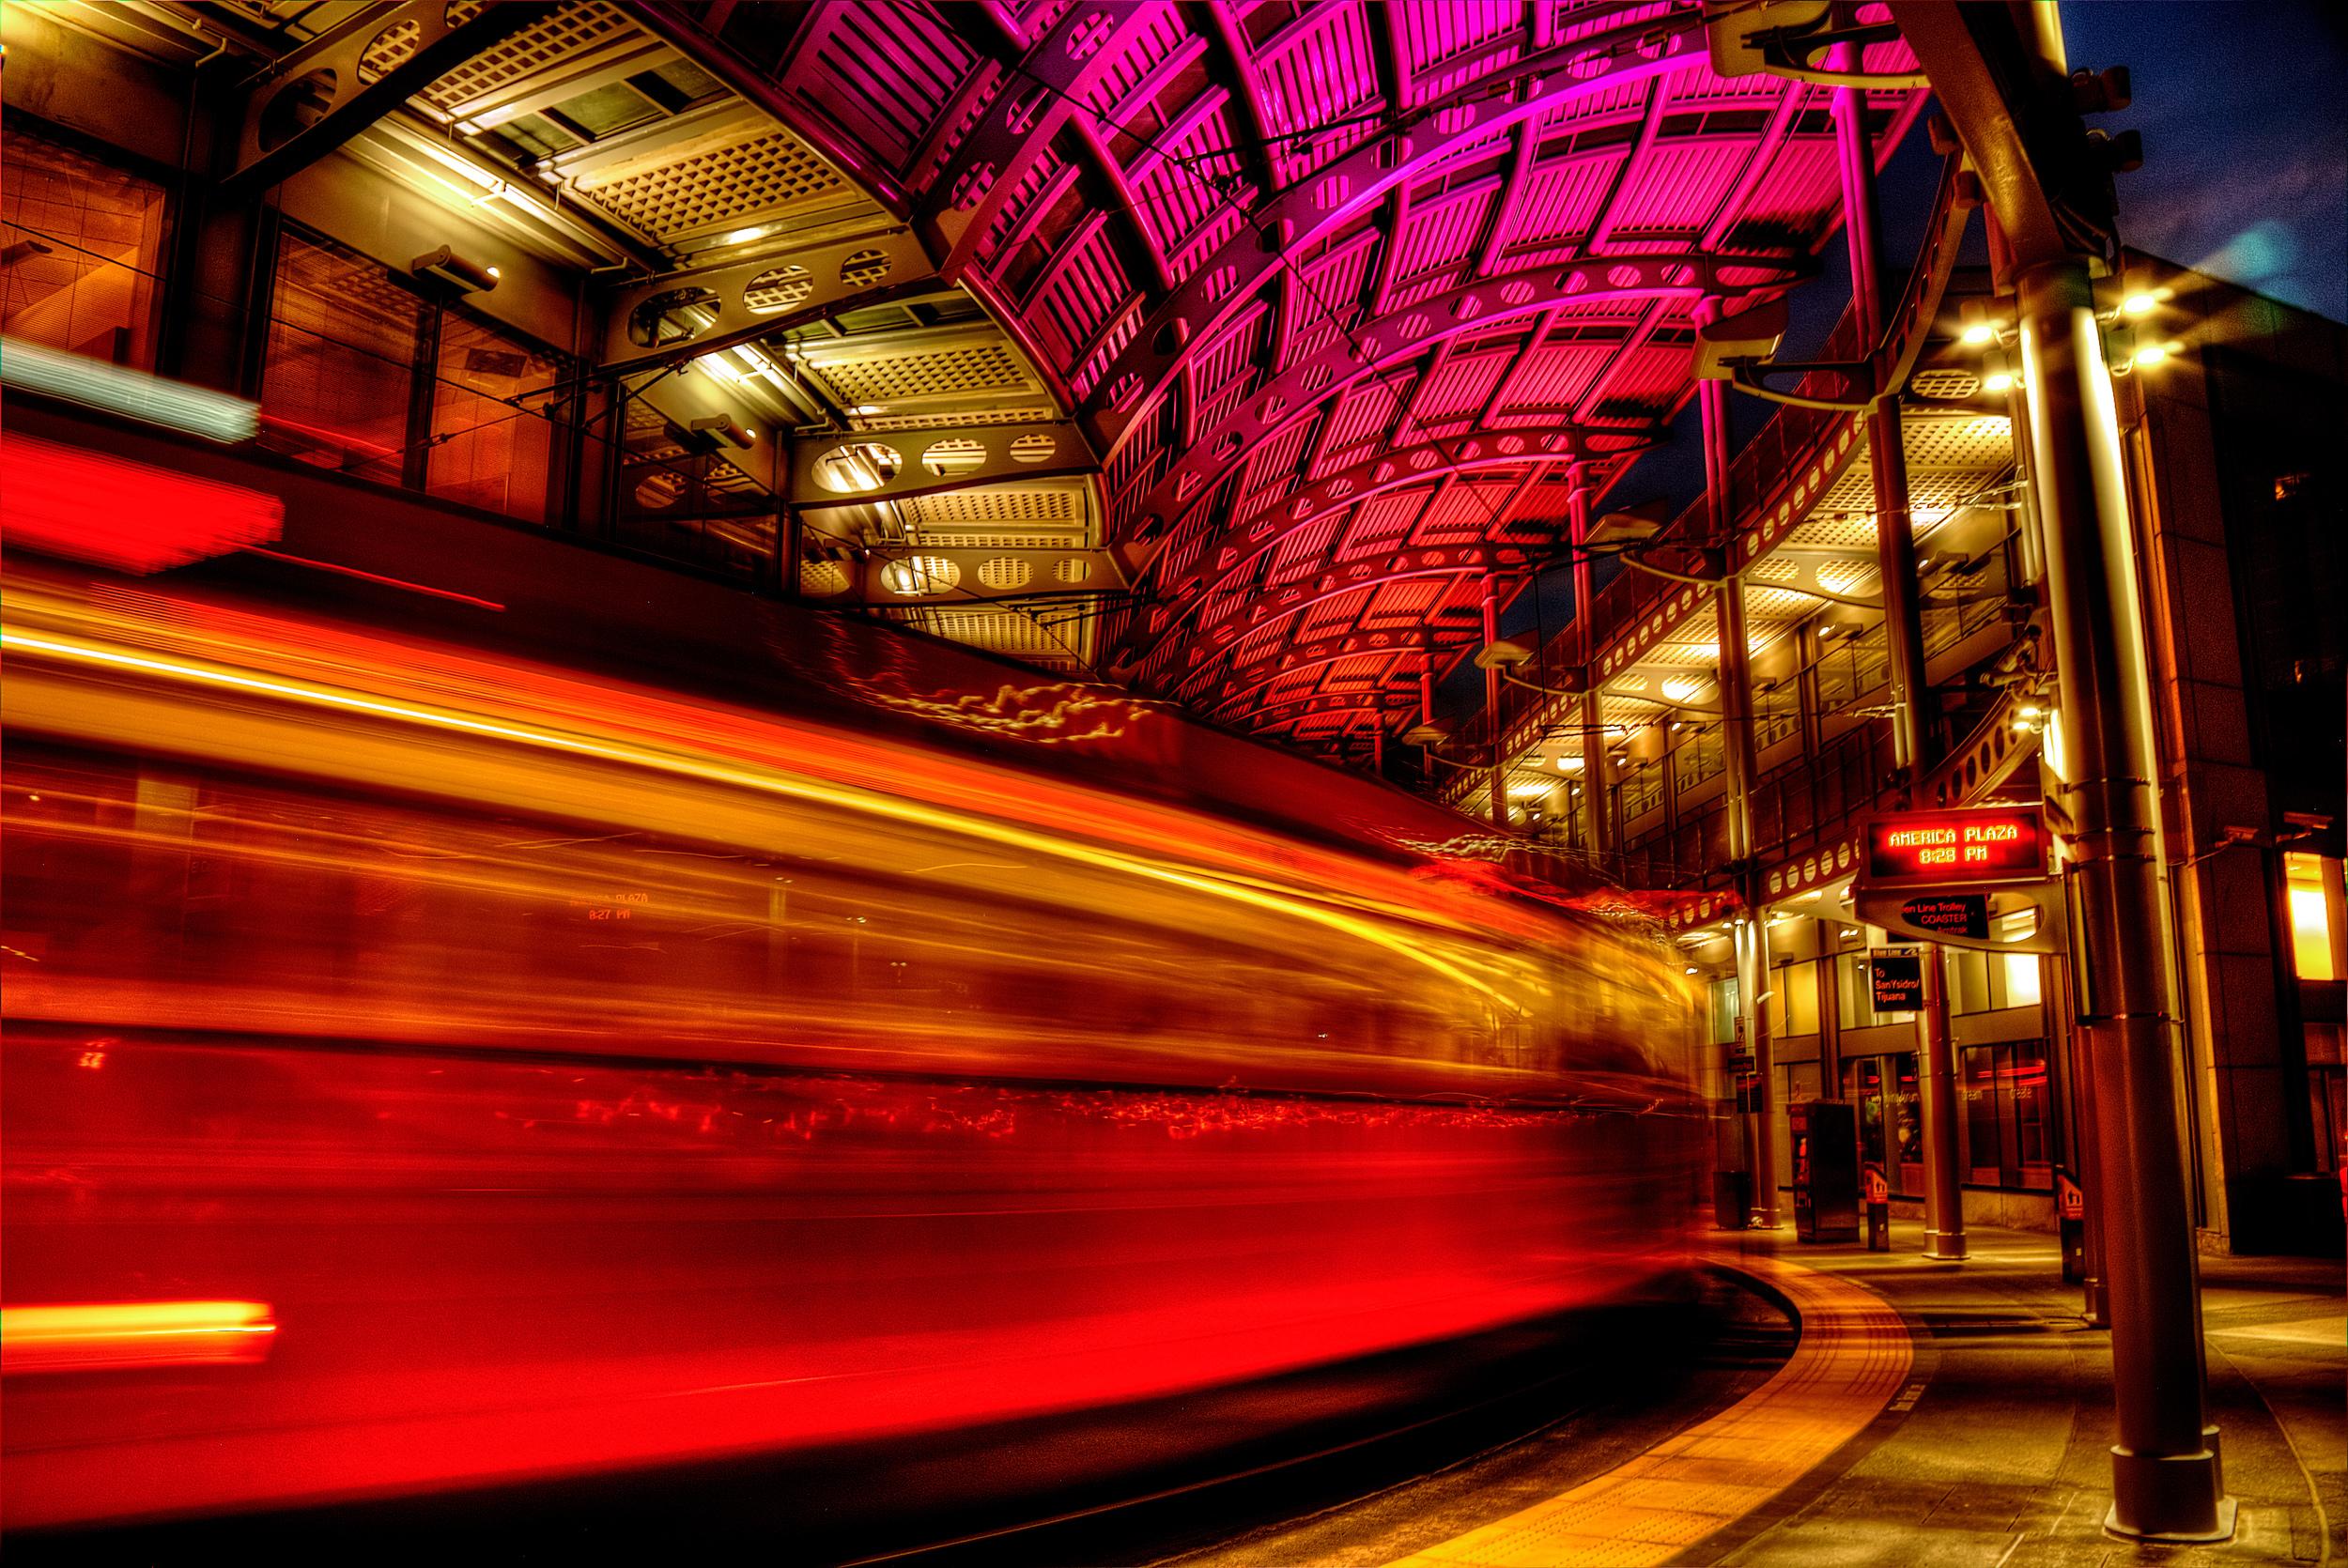 station red 1.jpg